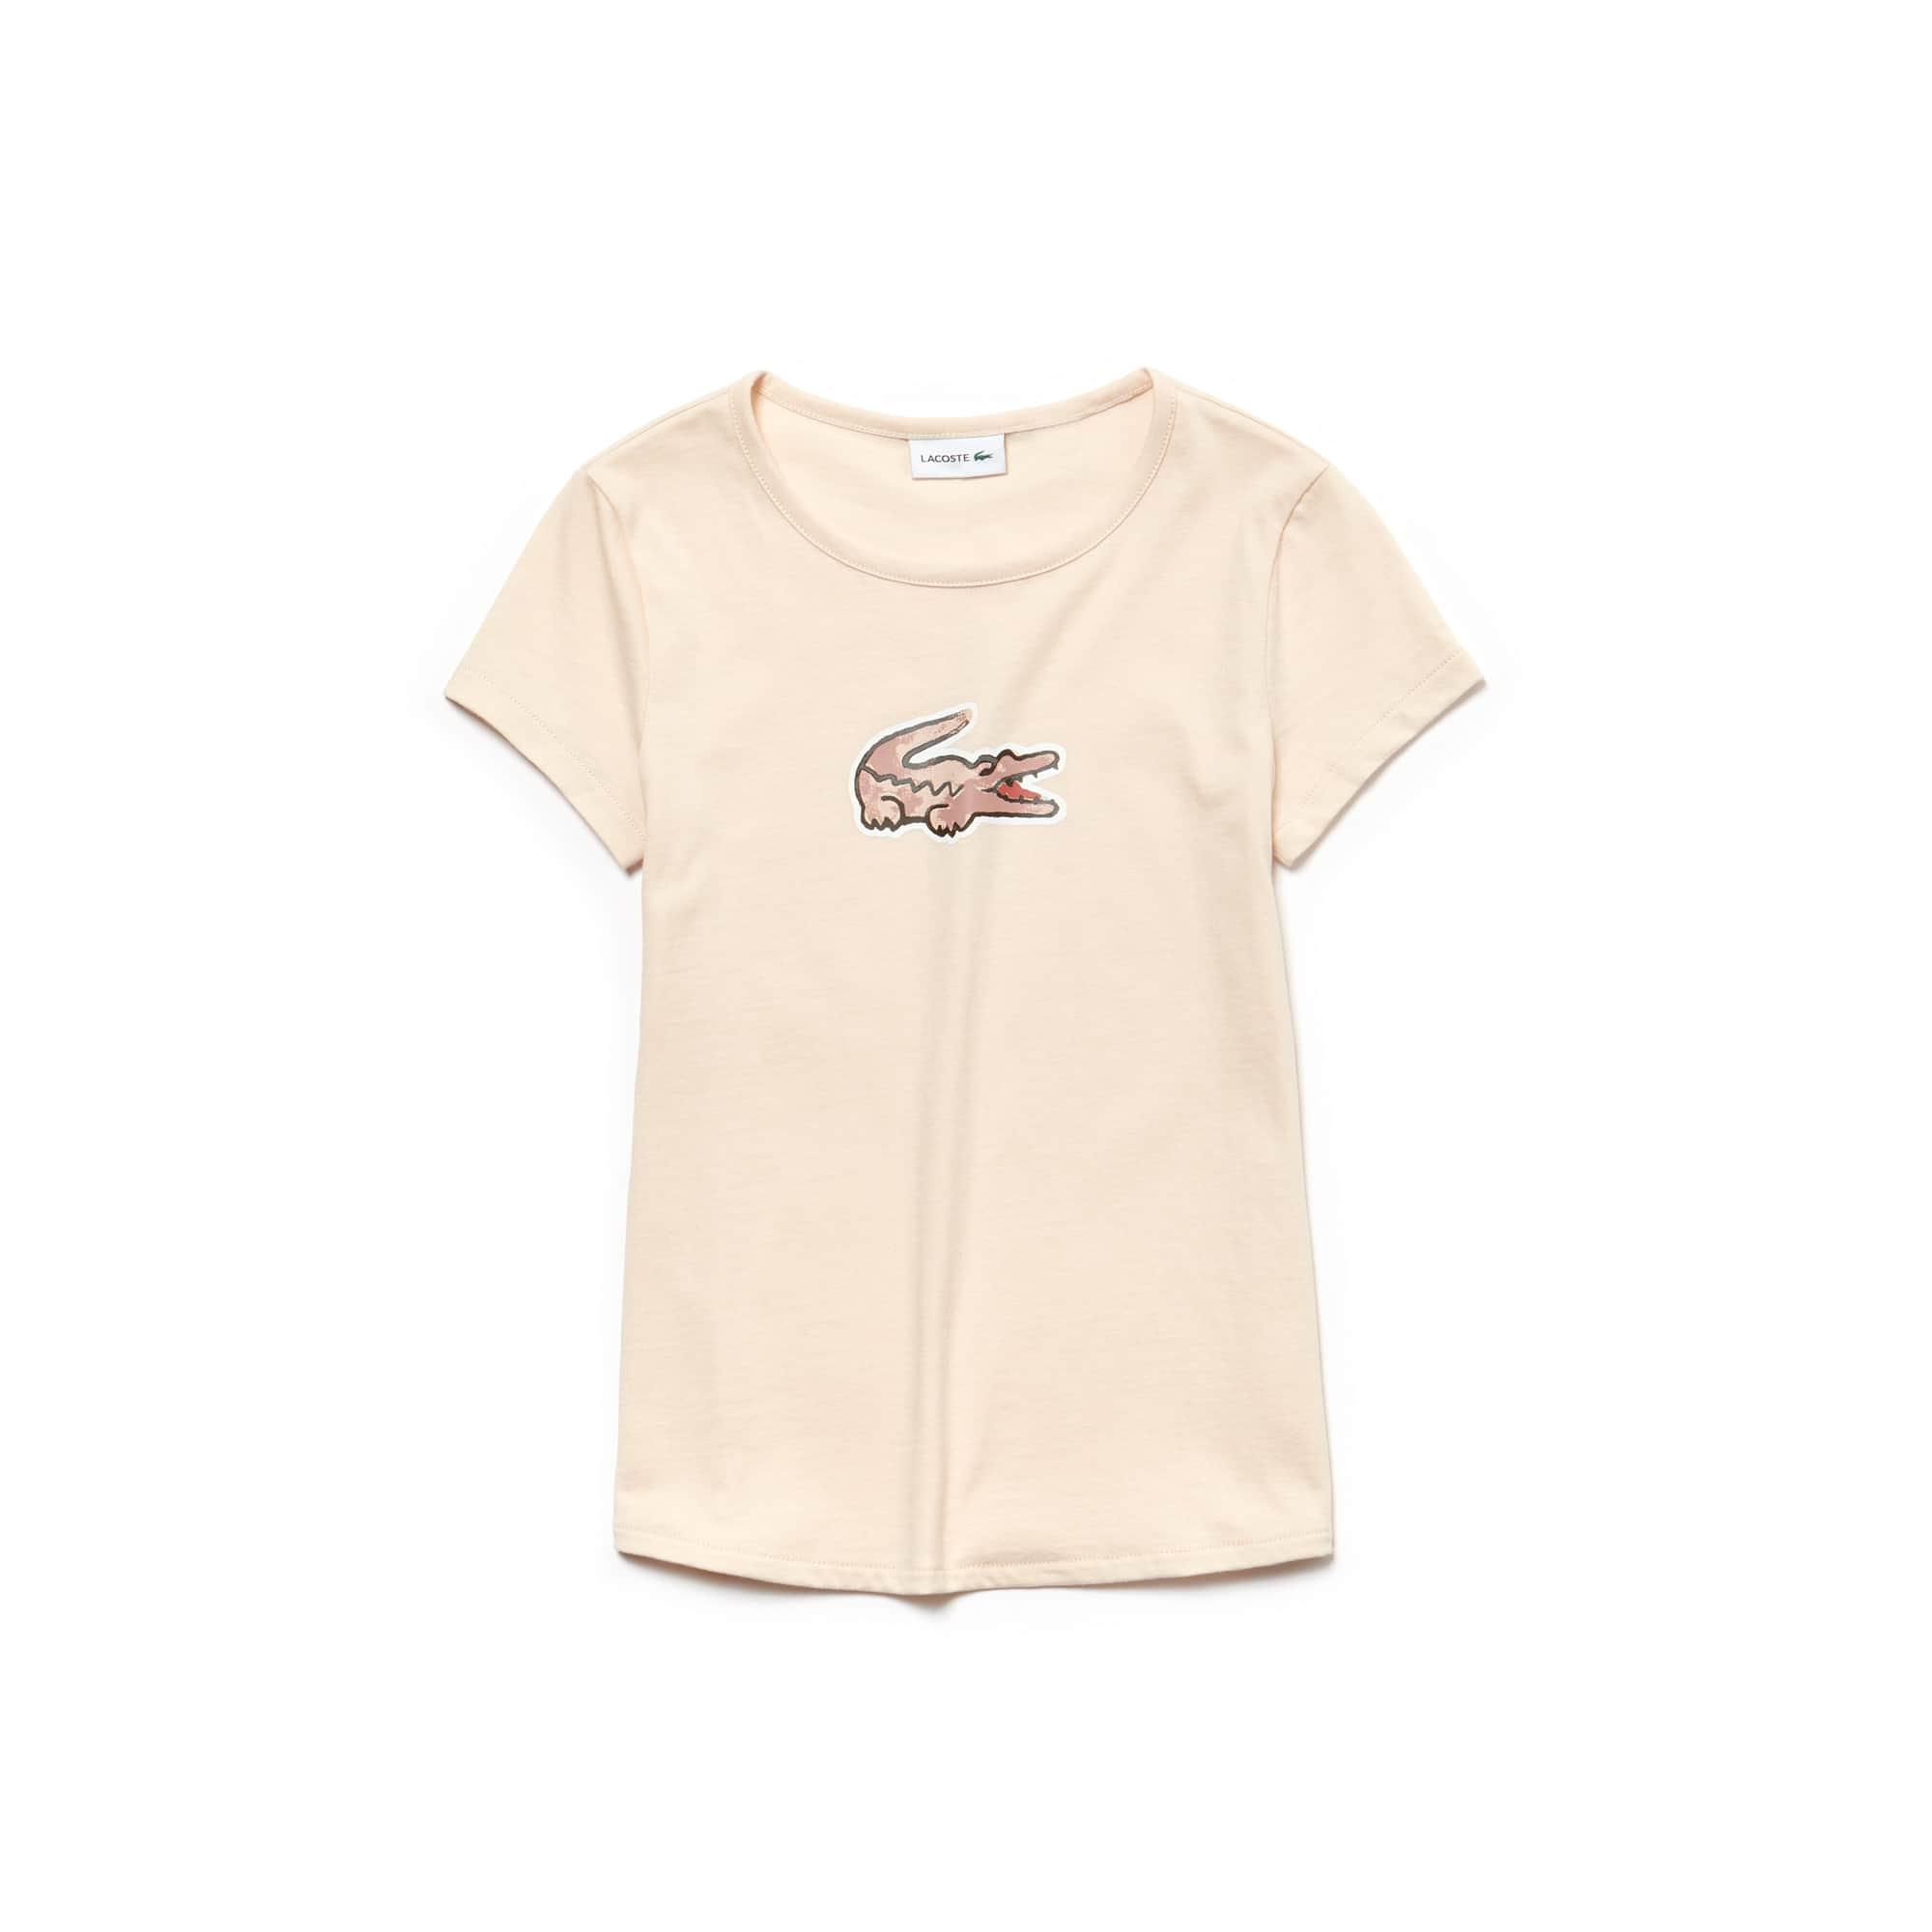 Mädchen-Rundhals-T-Shirt aus Jersey mit Krokodilaufdruck